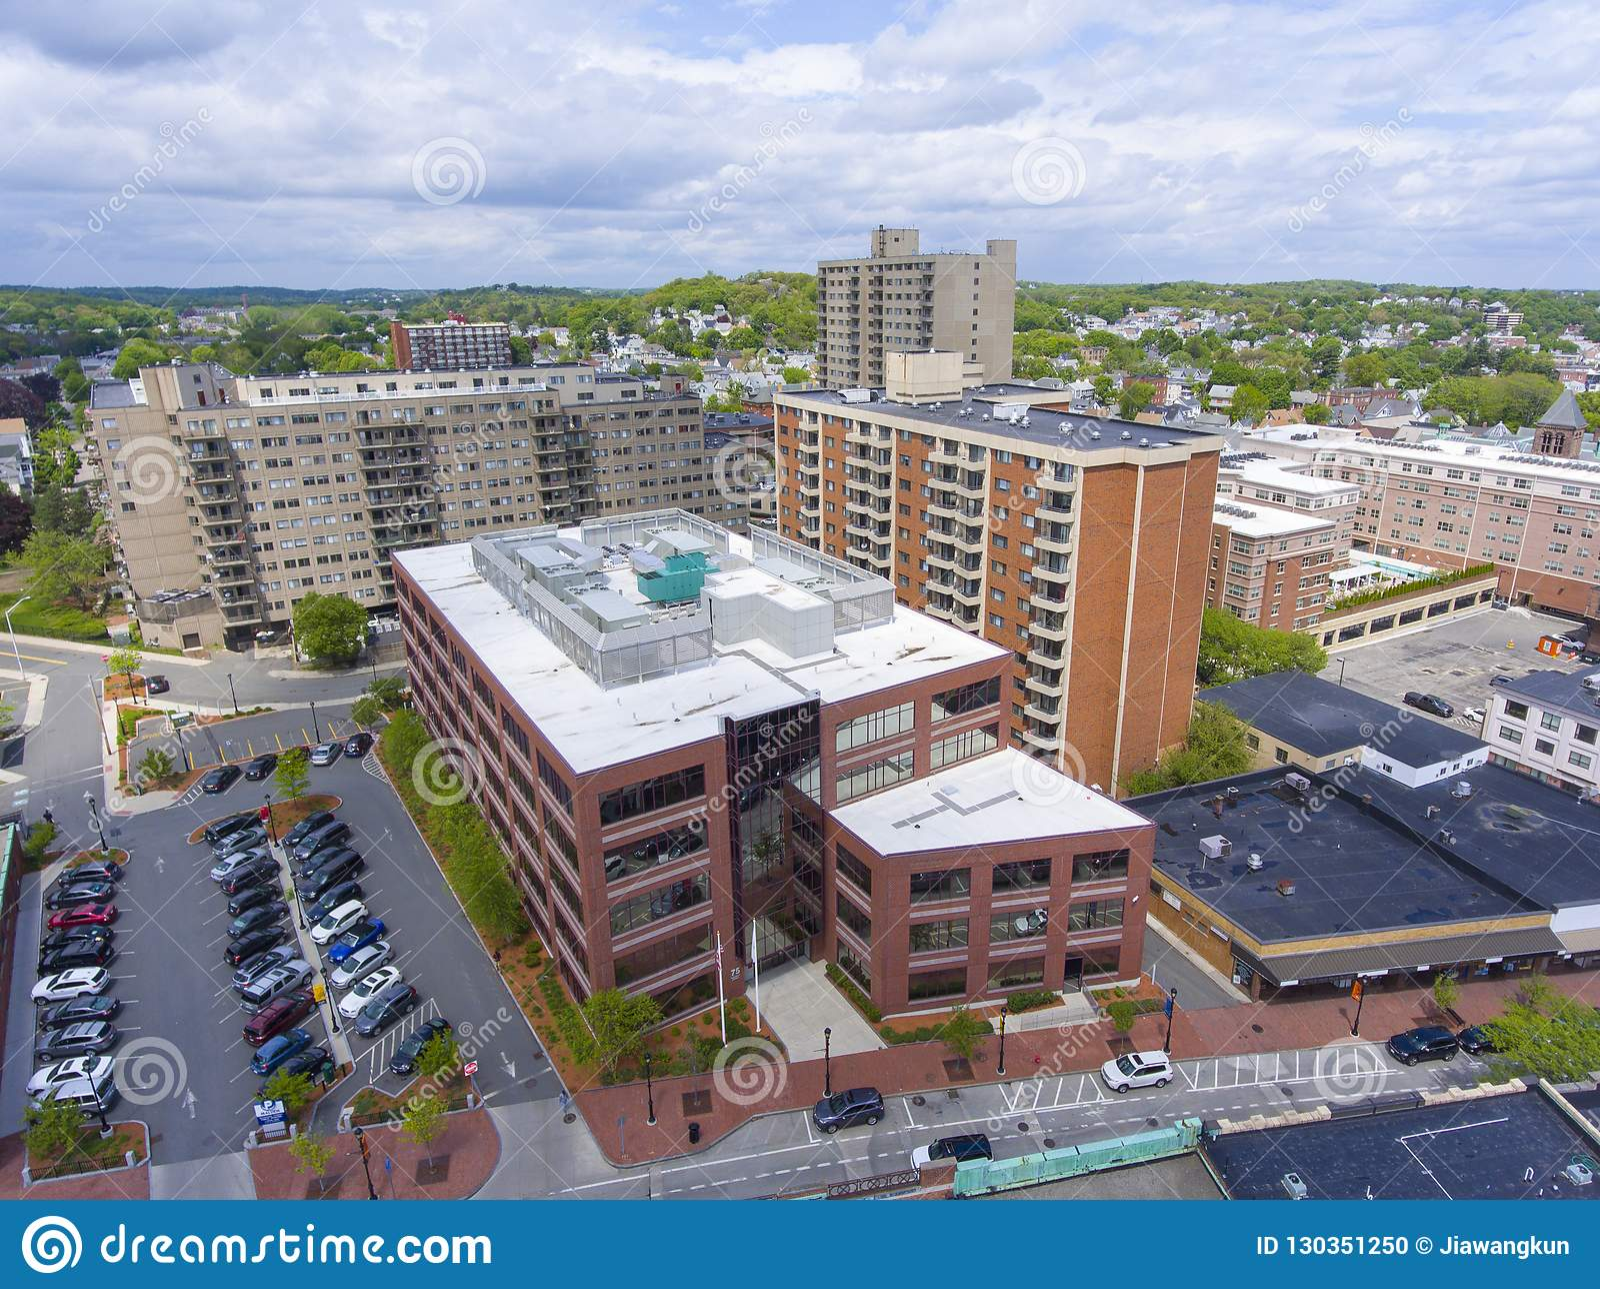 Vista aerea della città di Malden, Massachusetts, U.S.A.